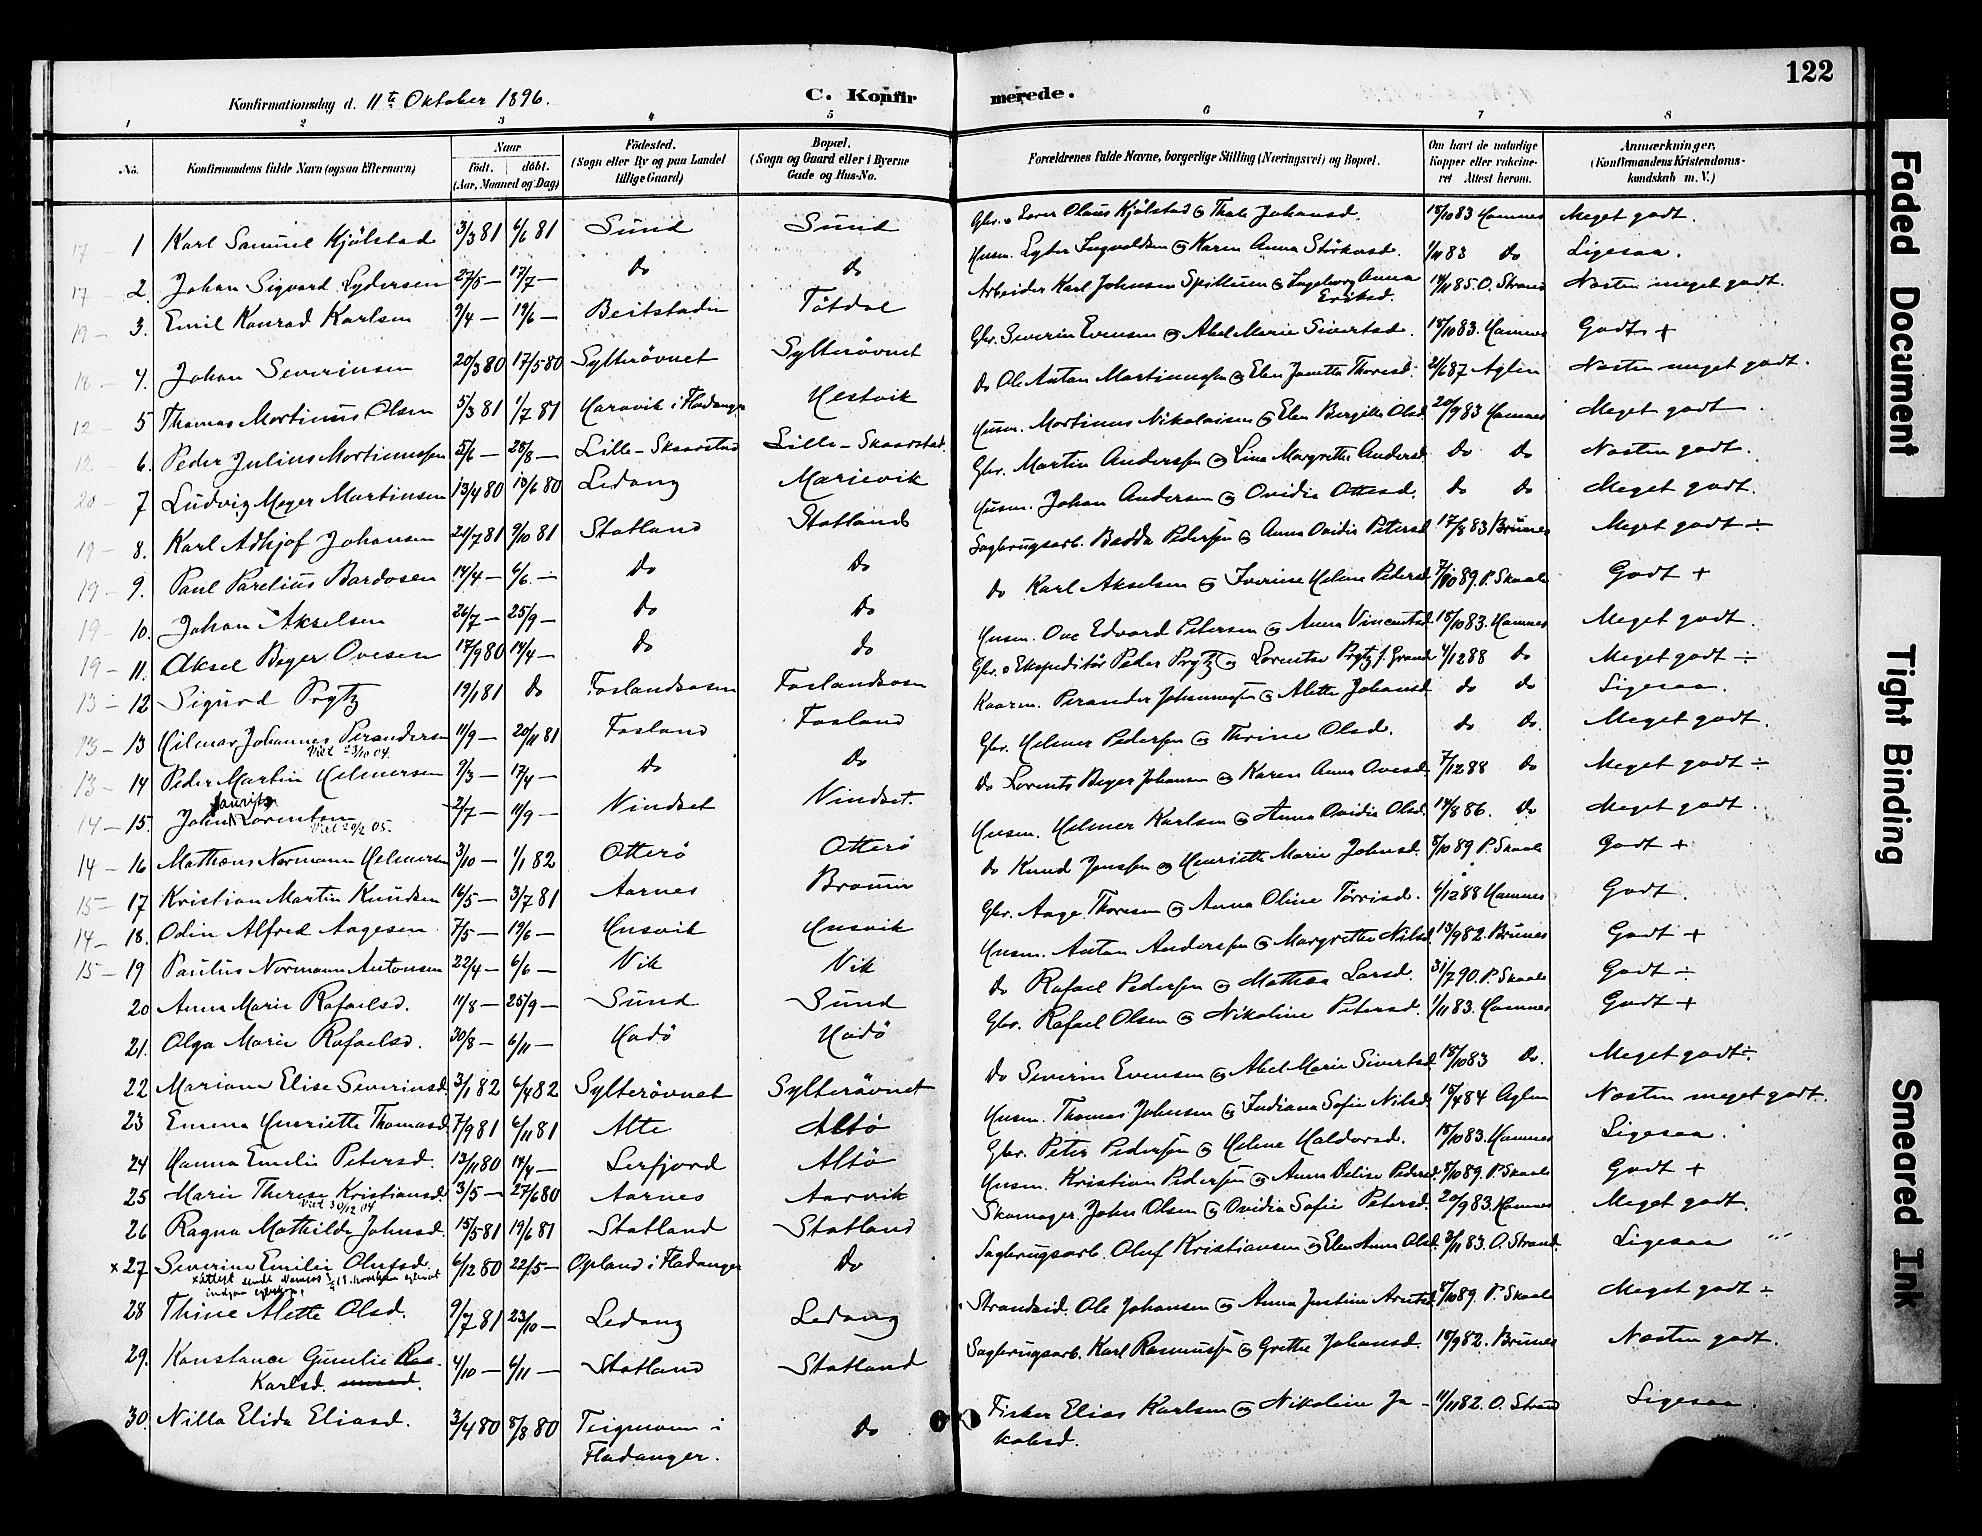 SAT, Ministerialprotokoller, klokkerbøker og fødselsregistre - Nord-Trøndelag, 774/L0628: Ministerialbok nr. 774A02, 1887-1903, s. 122